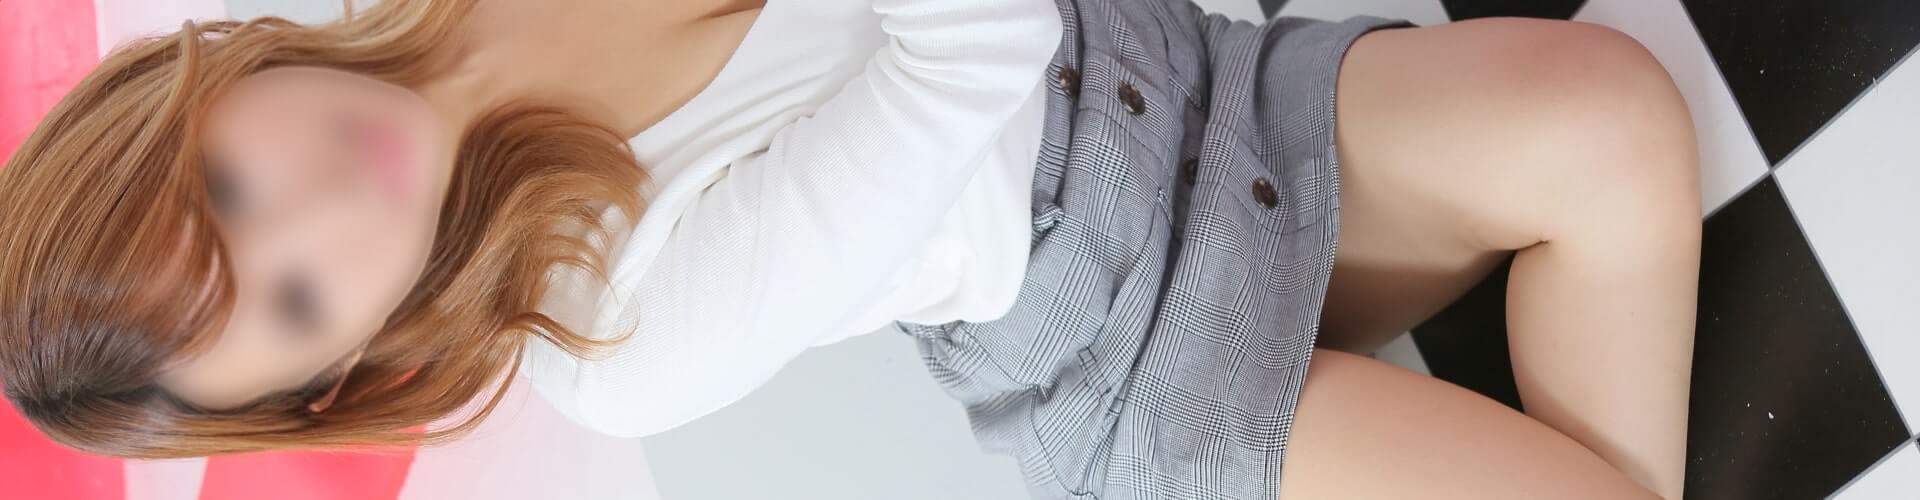 錦糸町デリヘル風俗|錦糸町 小岩 デリバリーヘルス【キャンパスサミット錦糸町店】モデルいお写真